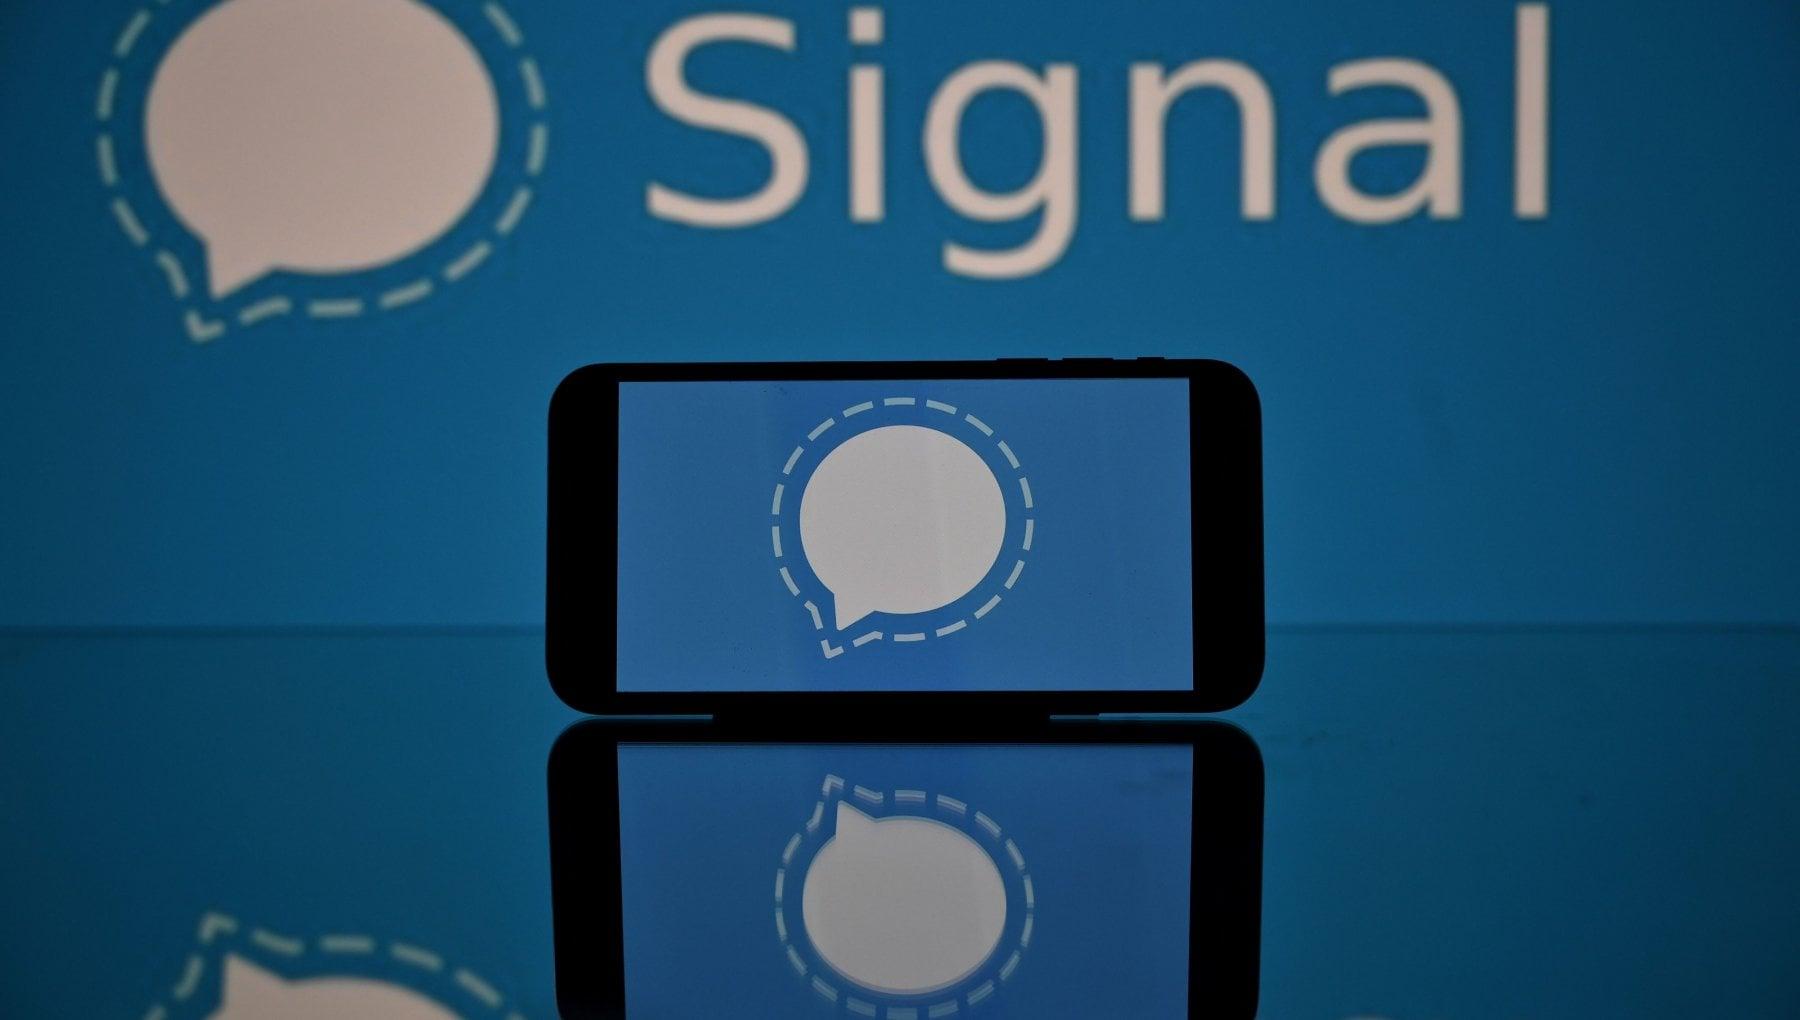 Signal, l'app per chat che sfida WhatsApp: privacy e trasparenza al primo posto